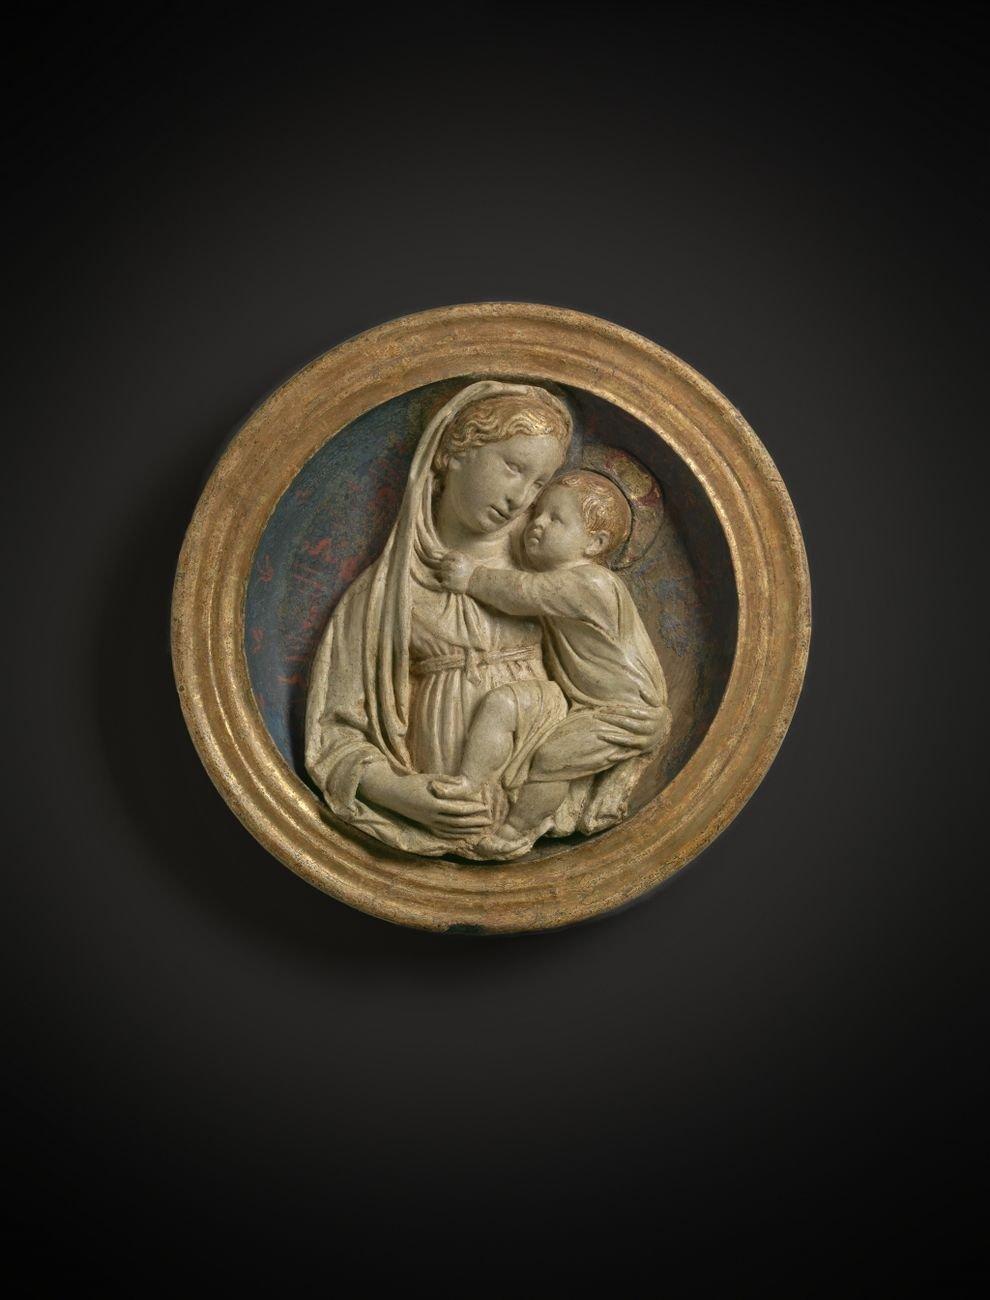 Luca della Robbia, Vergine col Bambino, 1440 ca.